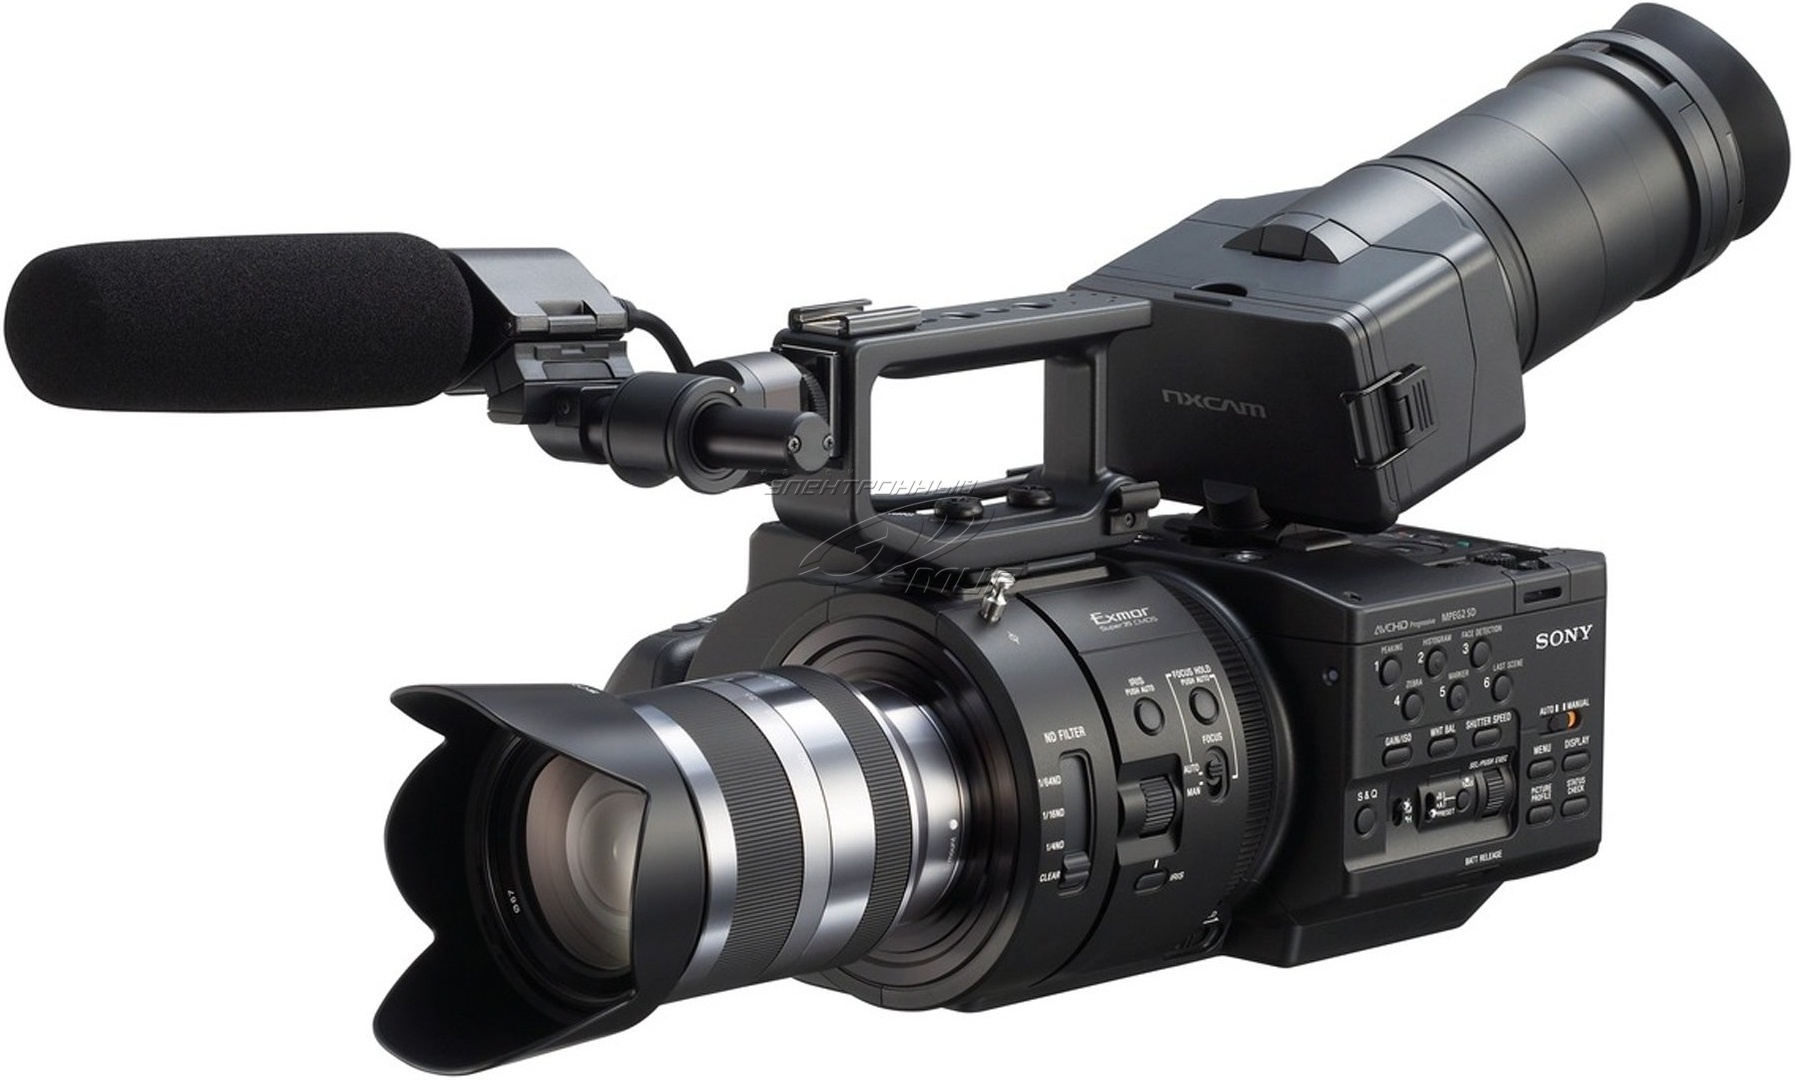 Как выбрать цифровую видеокамеру: основные параметры